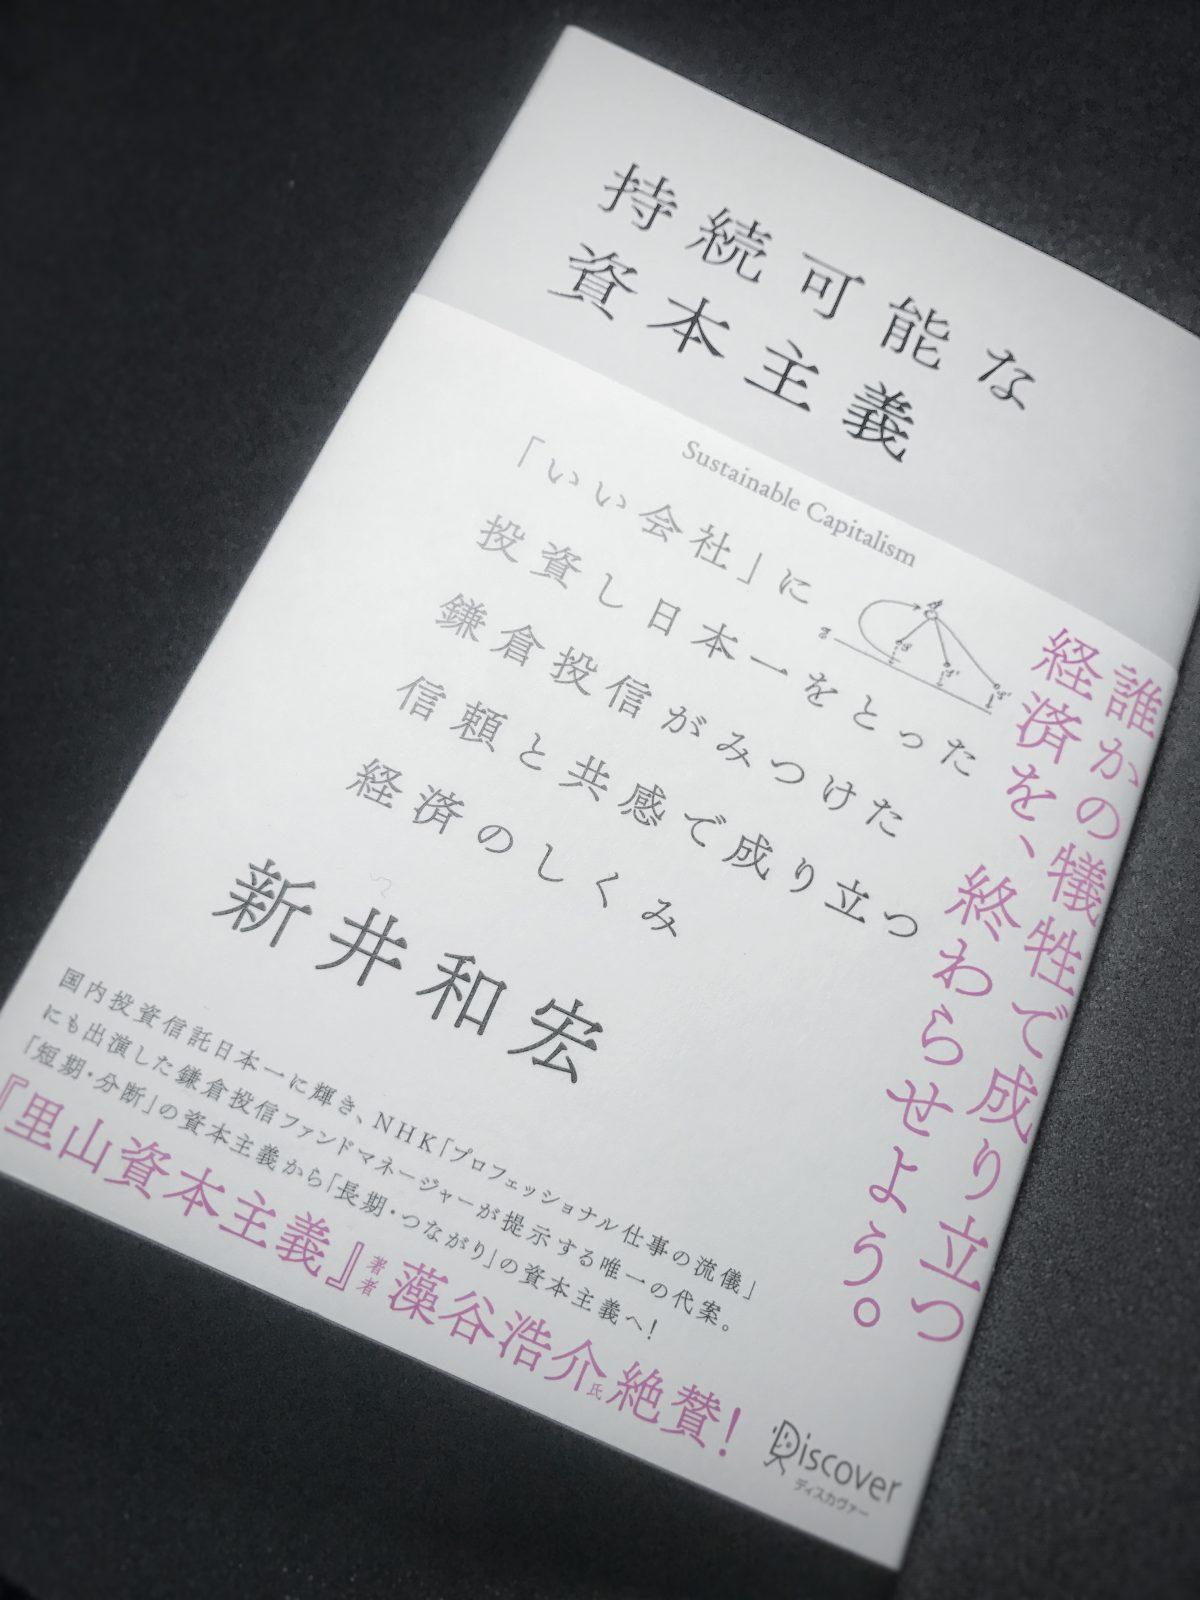 持続可能な資本主義 新井和宏さん